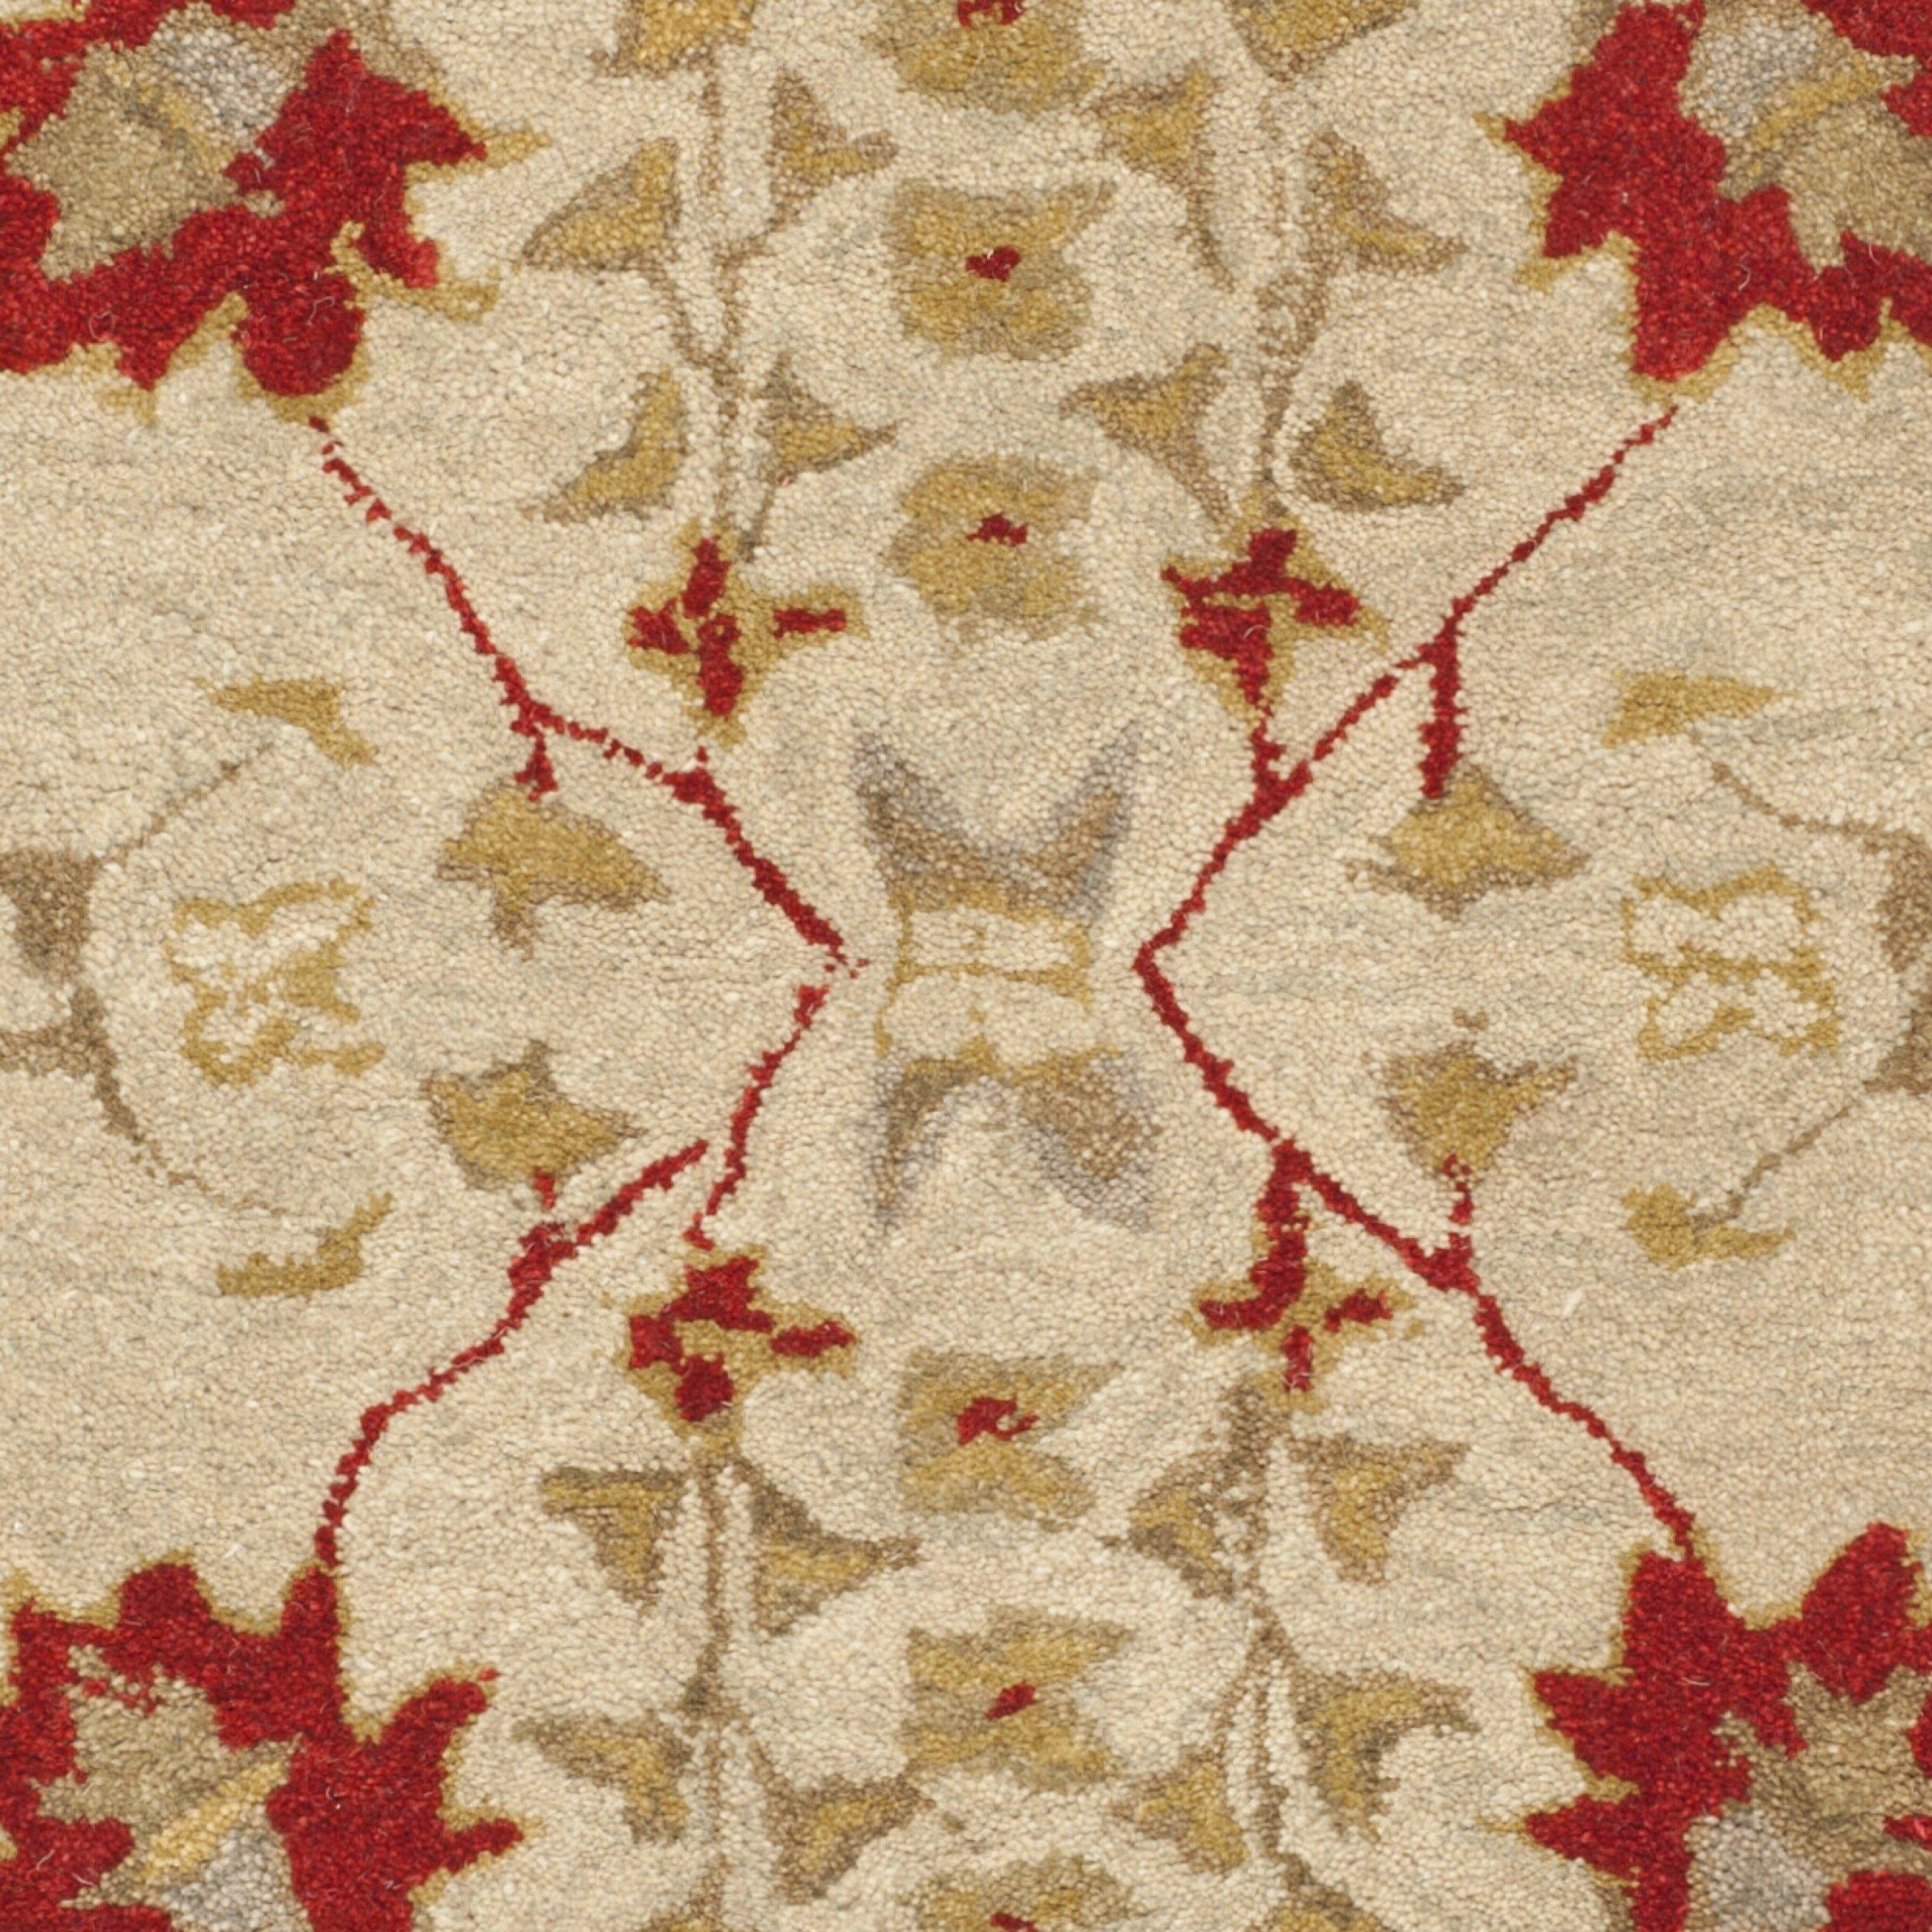 Safavieh Anatolia Ivory Red Area Rug Amp Reviews Wayfair